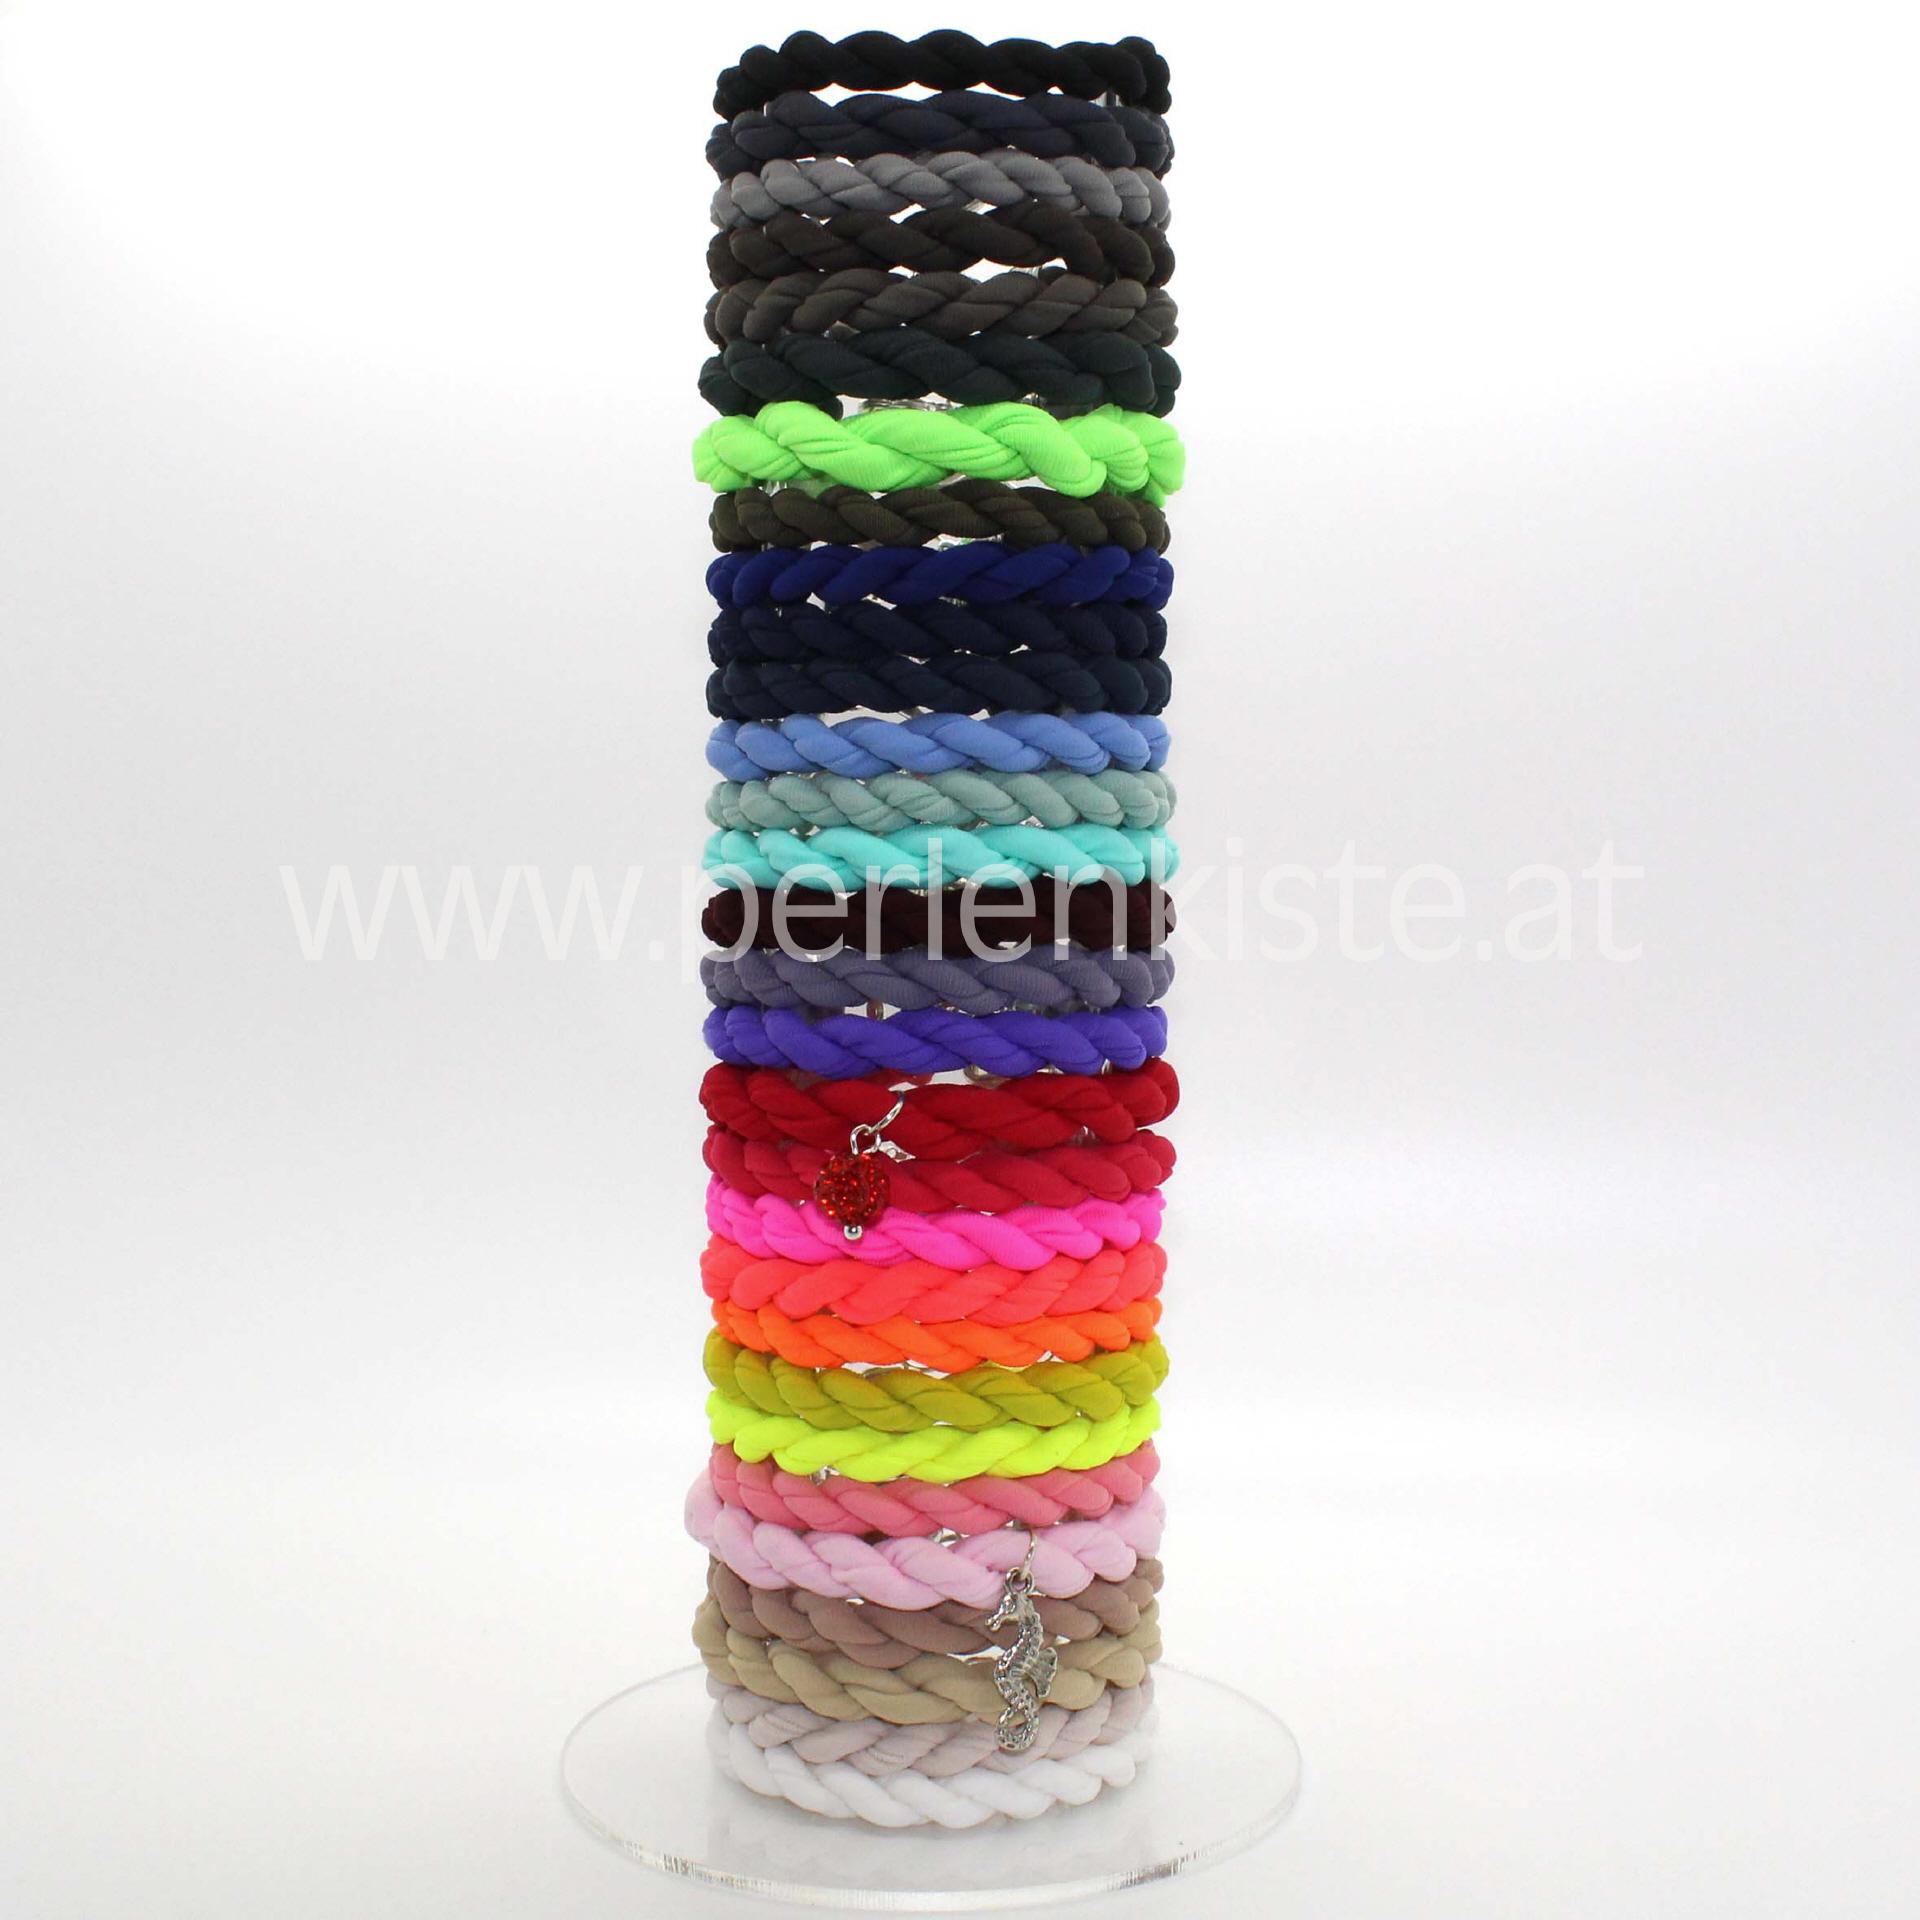 Armband Dehnbar Stoffband Dehnbar Stoffband Halskette Dehnbar Armband Stoffband Oder Armband Oder Halskette ymvb76IgYf